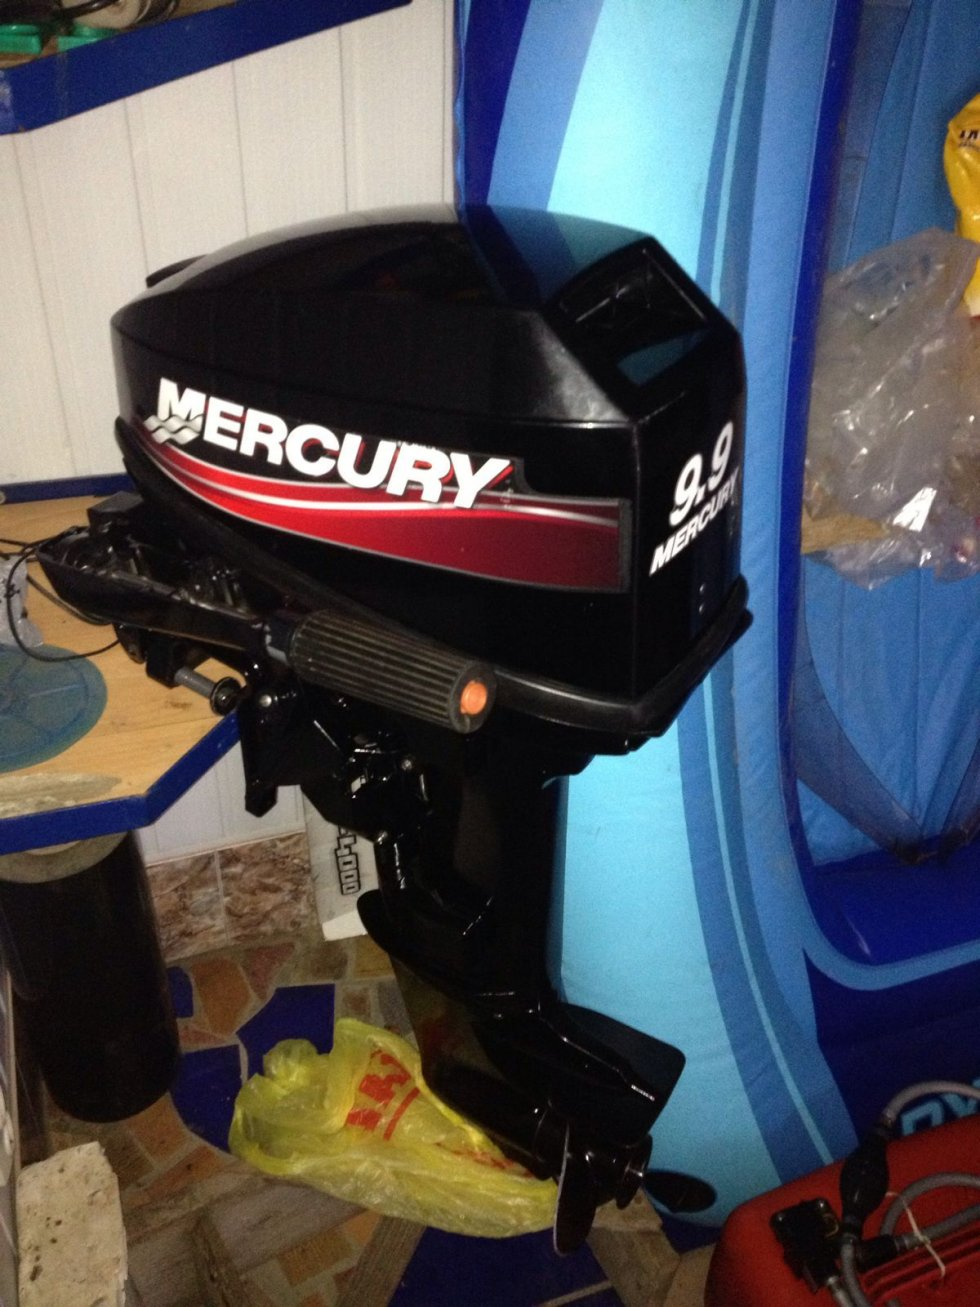 переделать лодочный мотор меркури 9.9 в 15